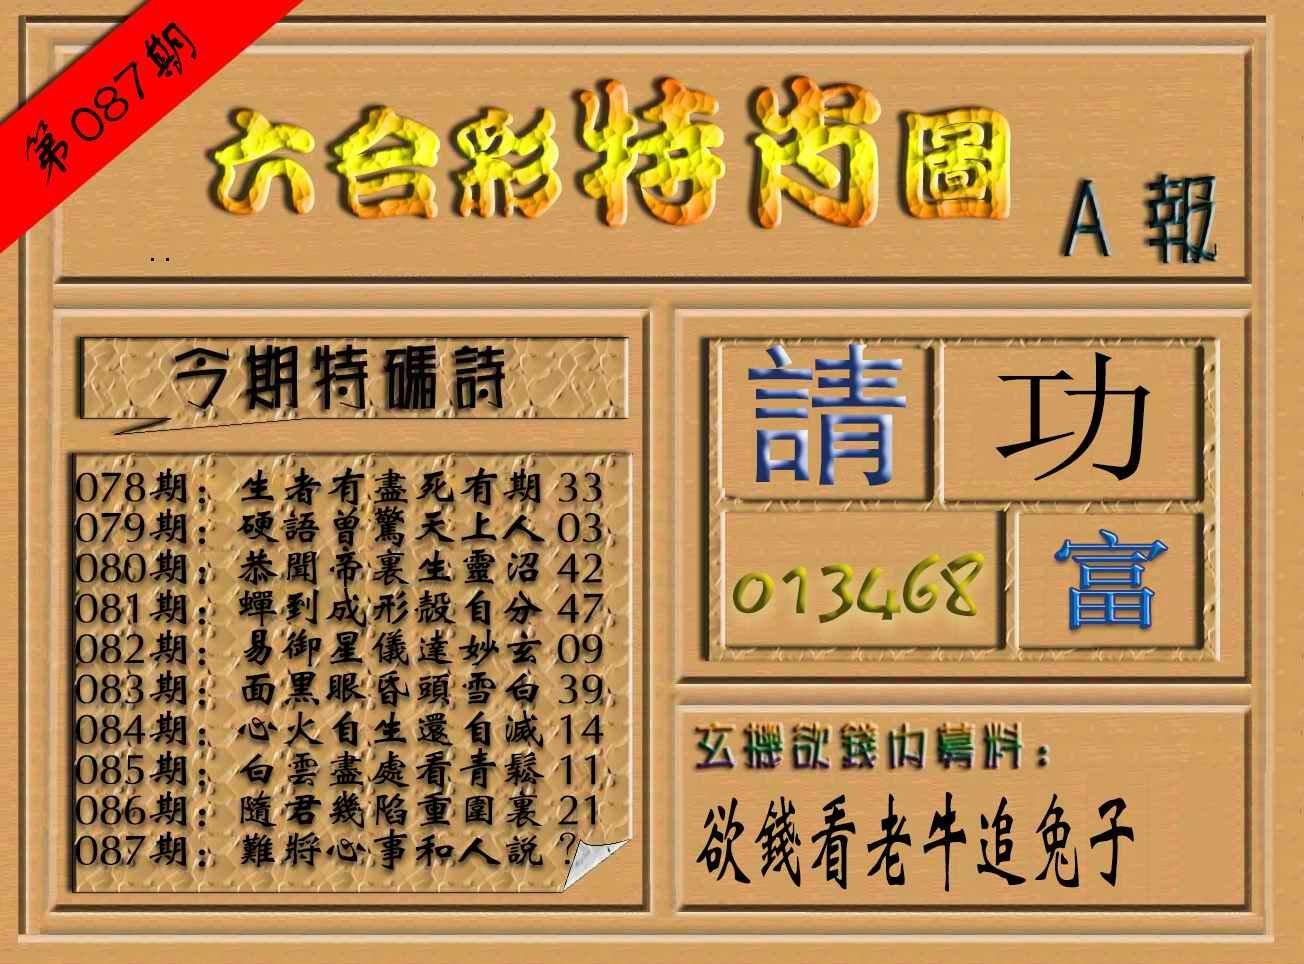 087期六合彩特肖图(A报)